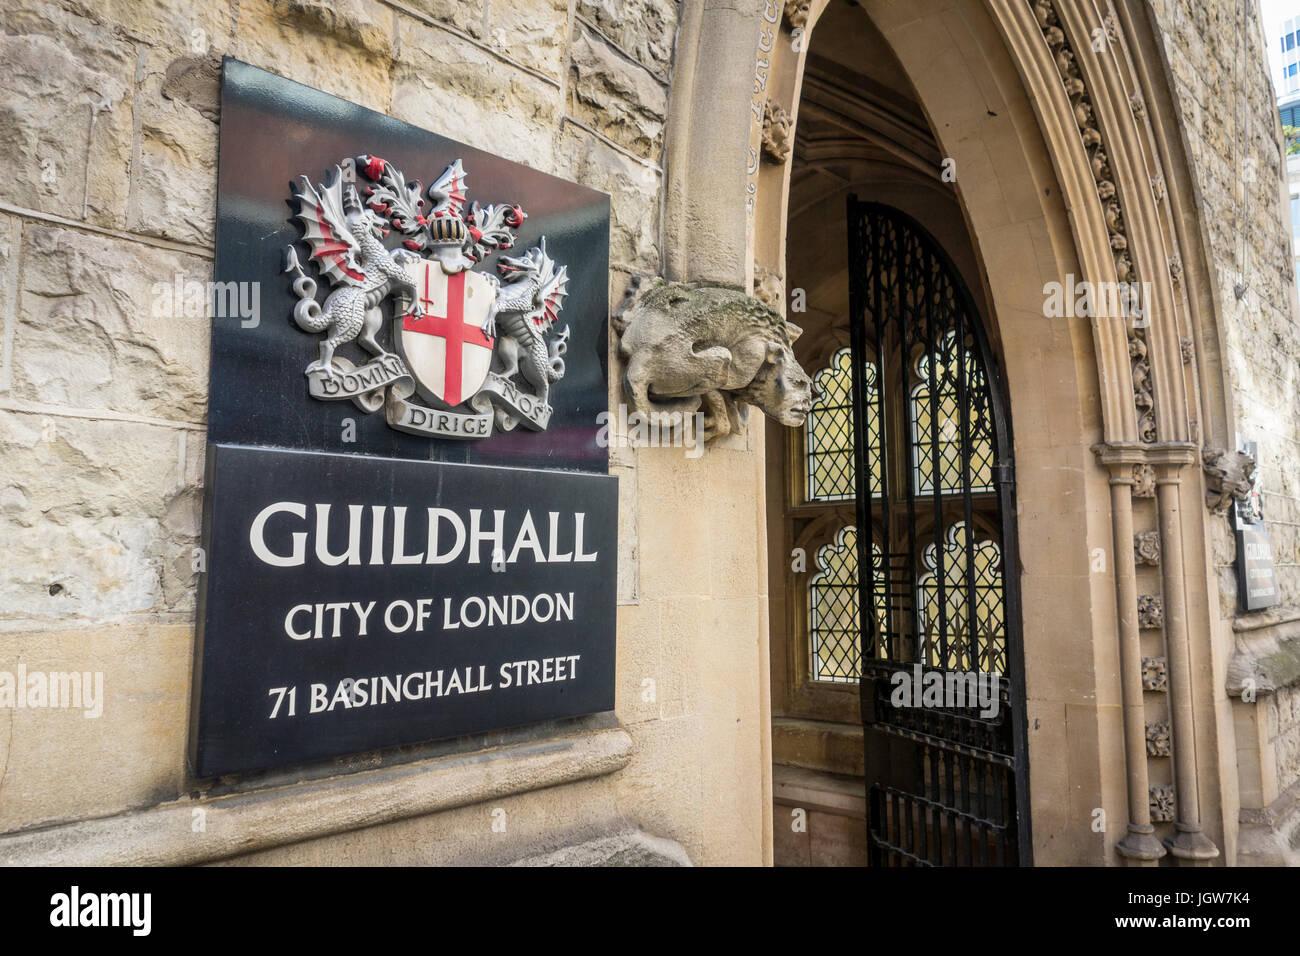 Entrée privée et signe pour Guildhall, Basinghall Street, City of London, UK Photo Stock